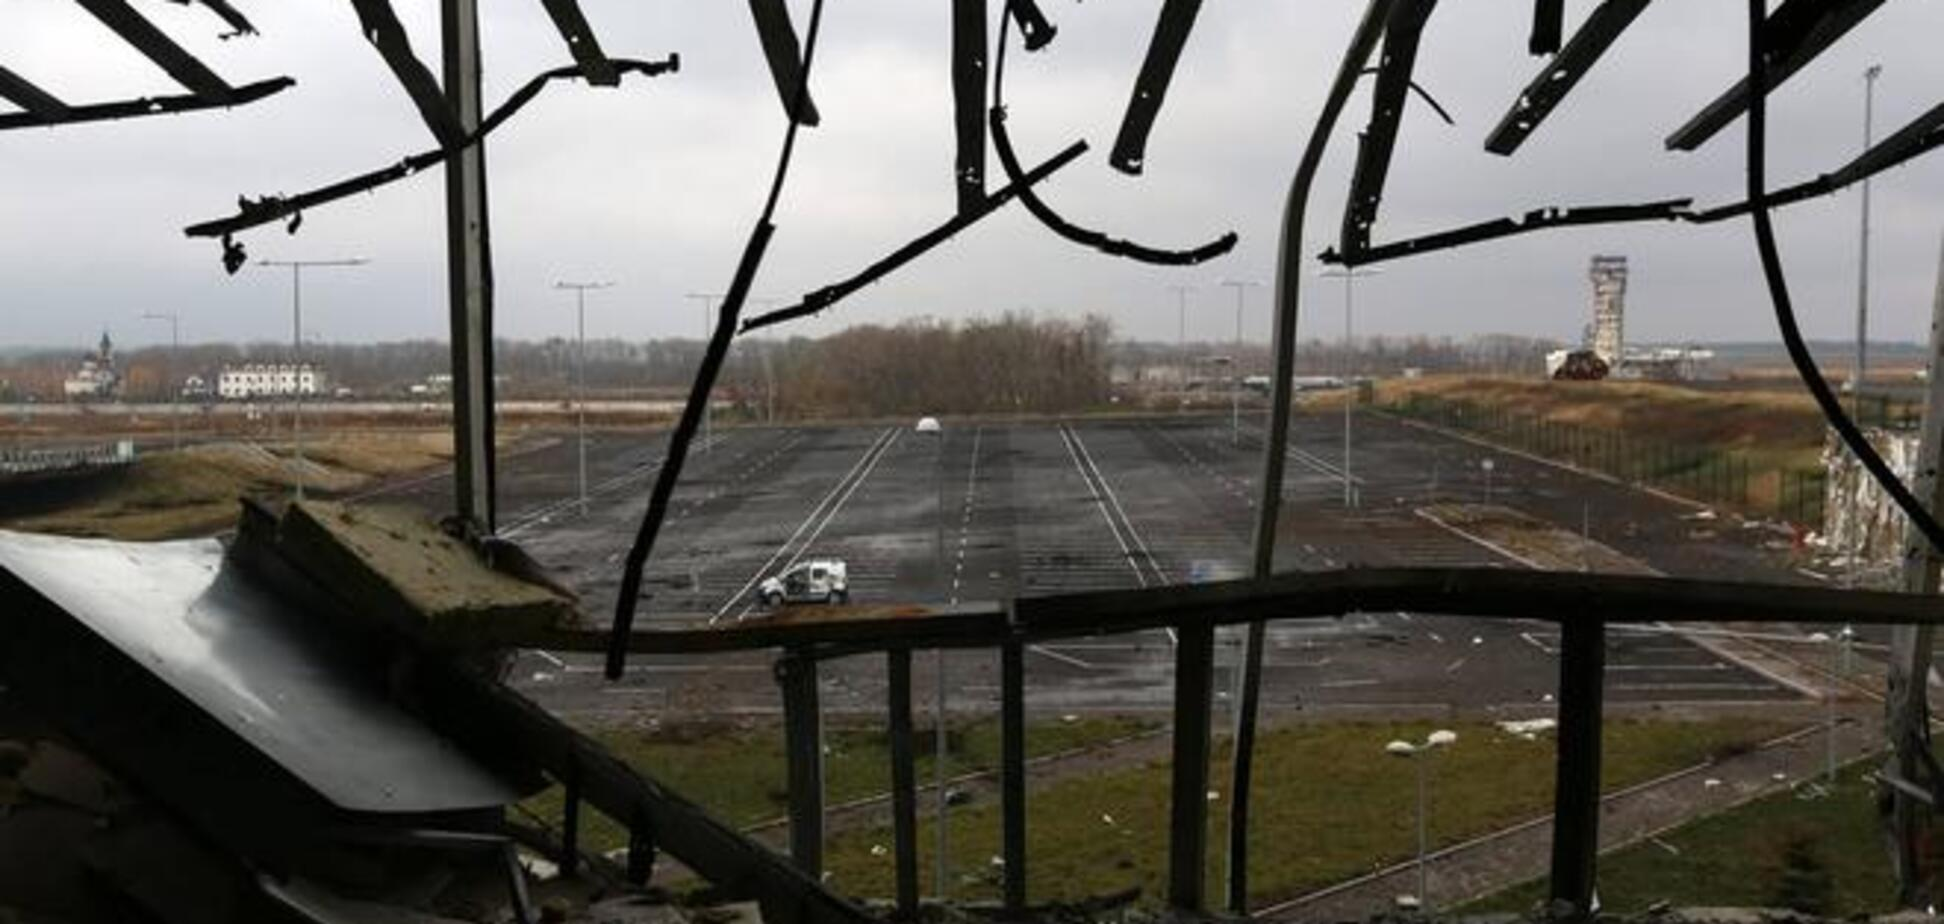 Эксперт объяснил, почему украинские войска не могут сдавать полностью разрушенный донецкий аэропорт